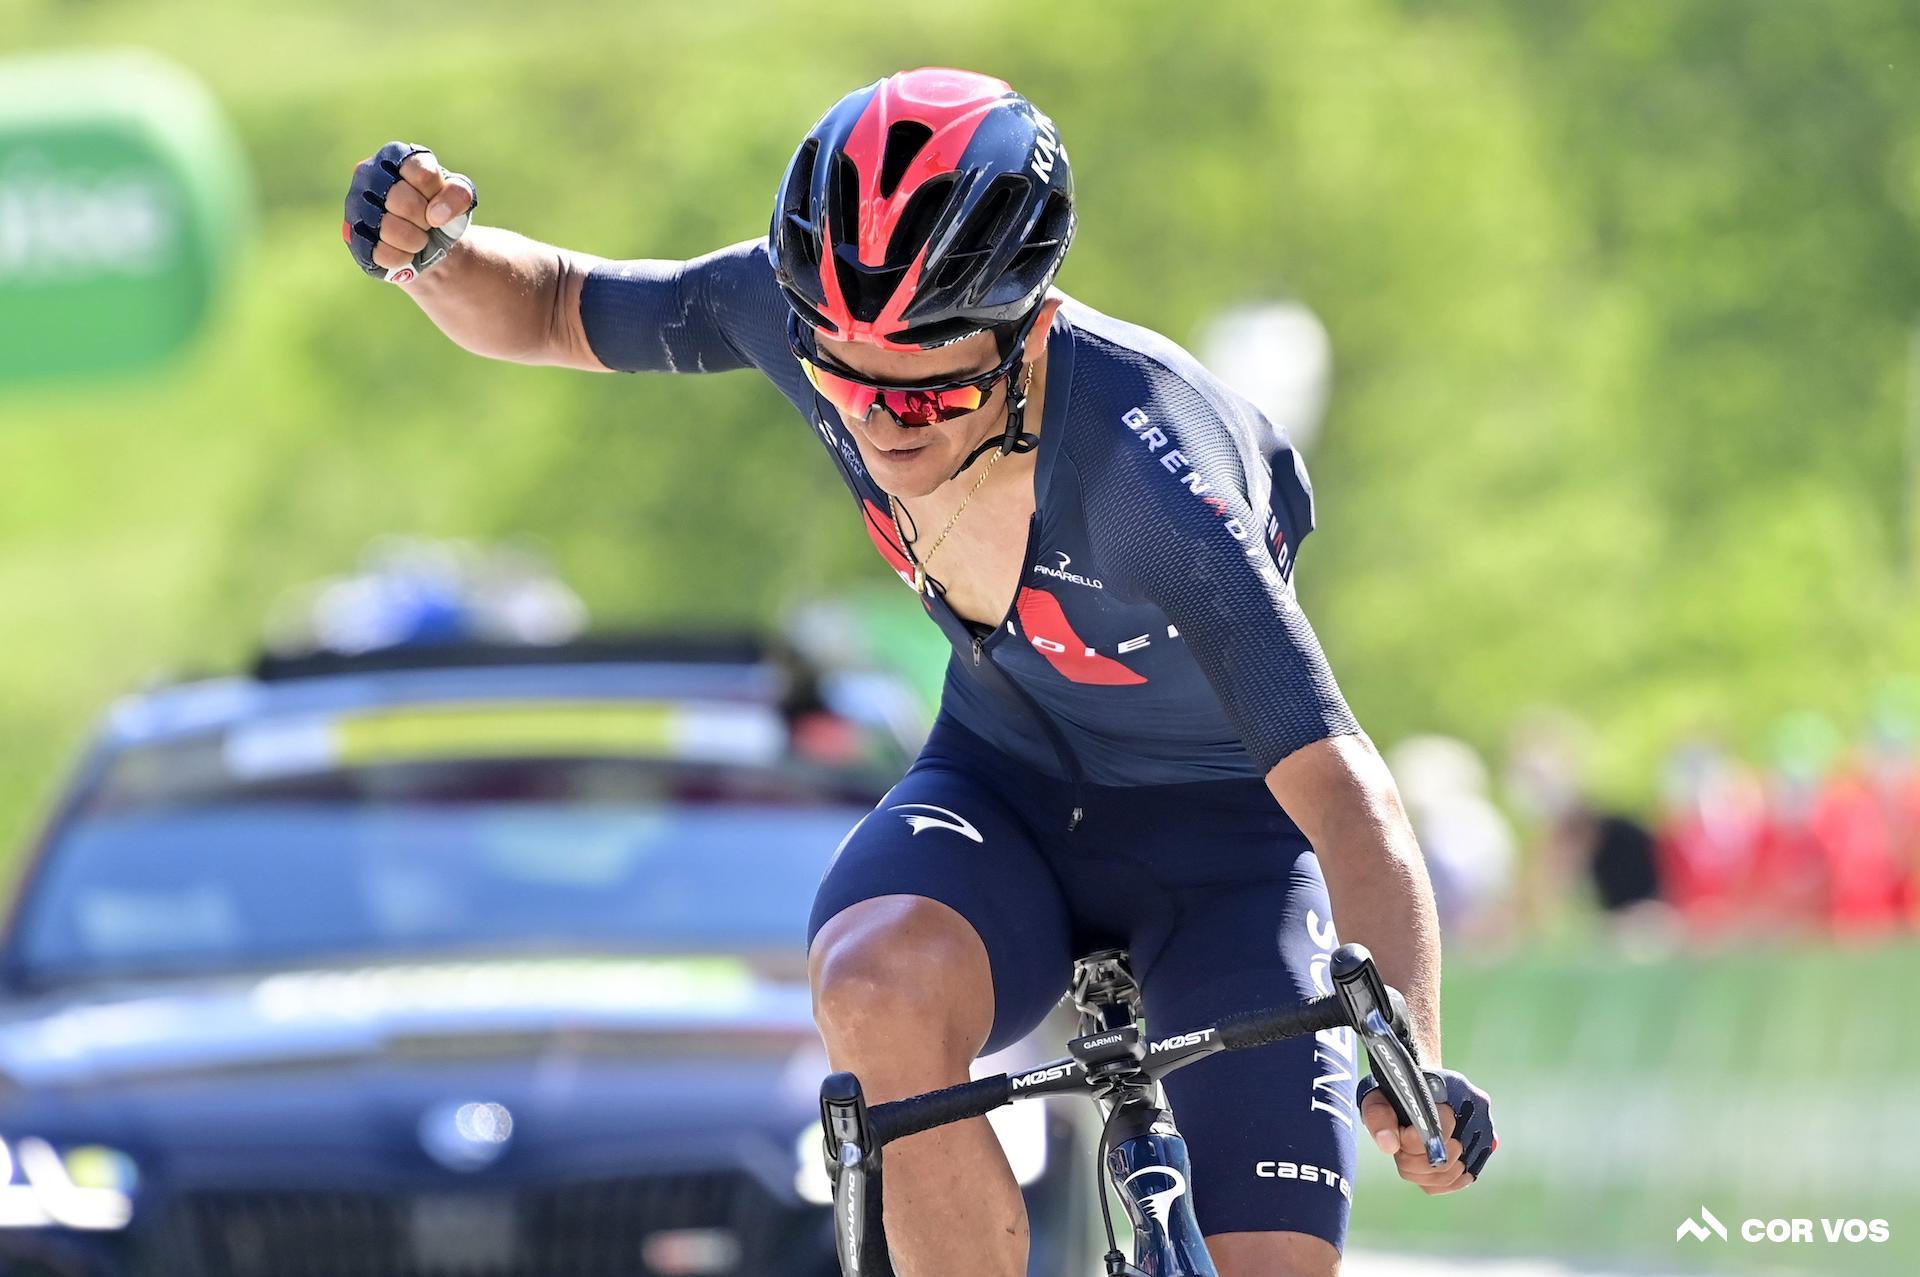 Richard Carapaz vince la tappa 5 . del Tour de Suisse